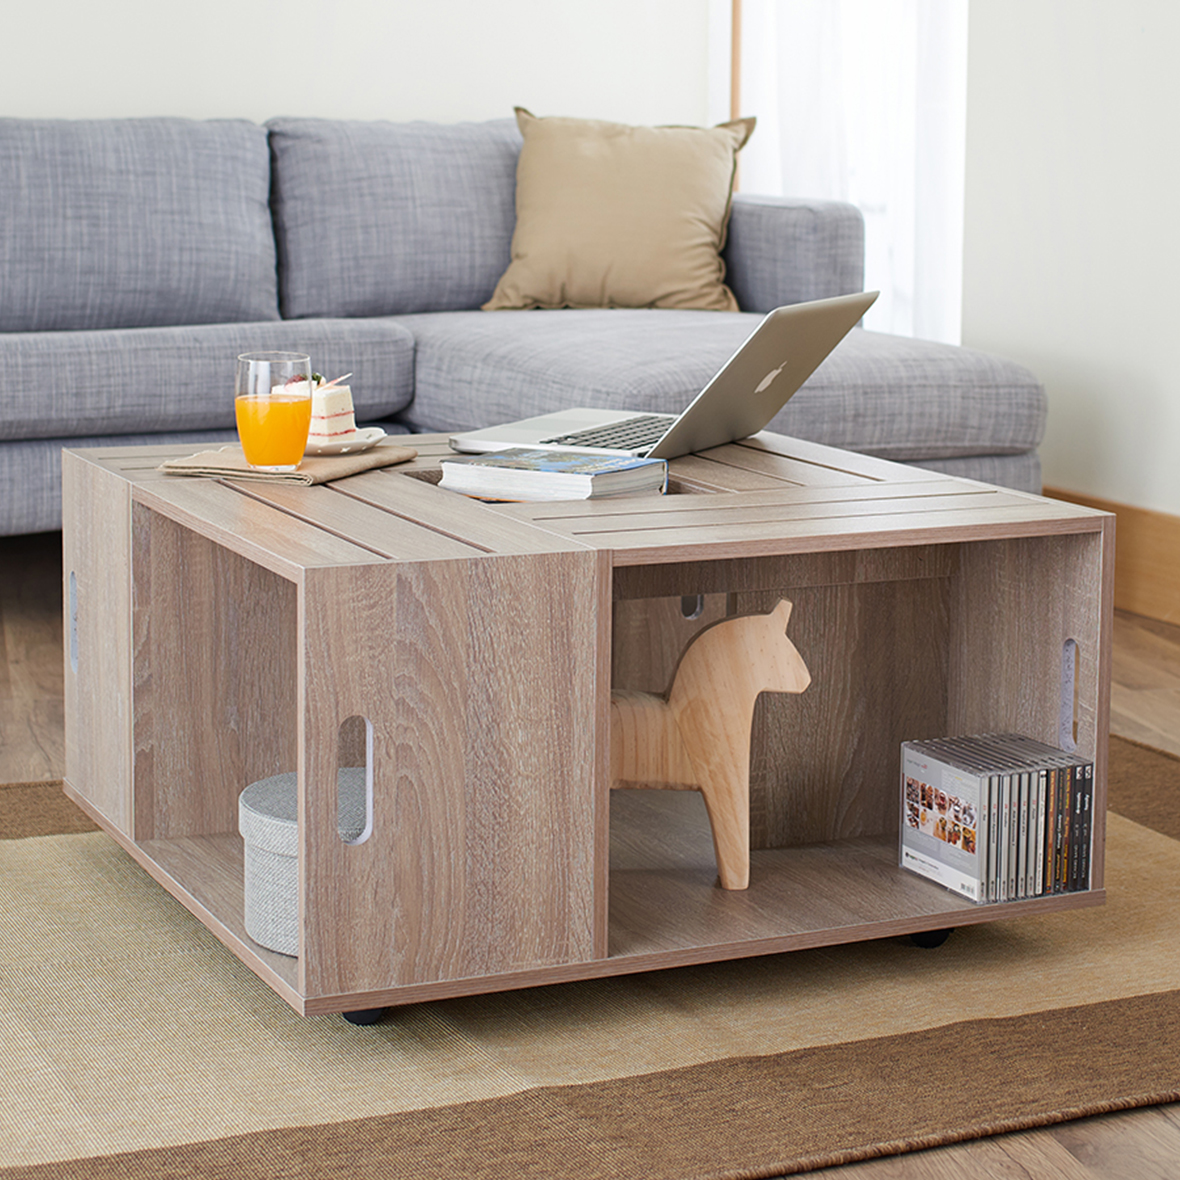 Tavolo quadrato con ruote produttori di mobili per la - Mobili con ruote ...